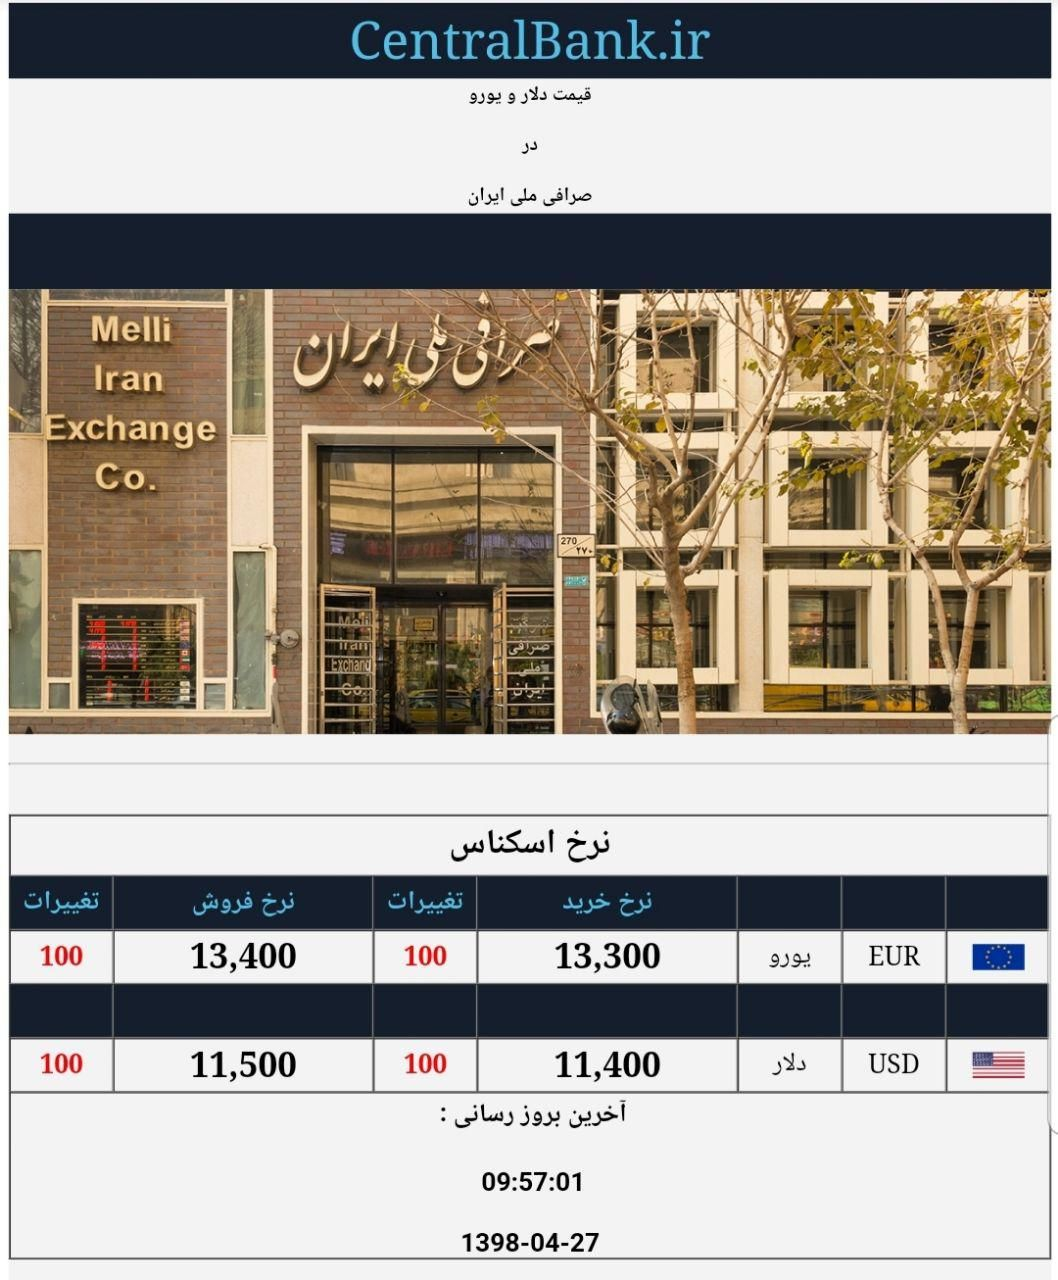 قیمت دلار و یورو در صرافی ملی امروز ۱۳۹۸/۰۴/۲۷|دلار در میانه کانال ۱۱ هزارتومان